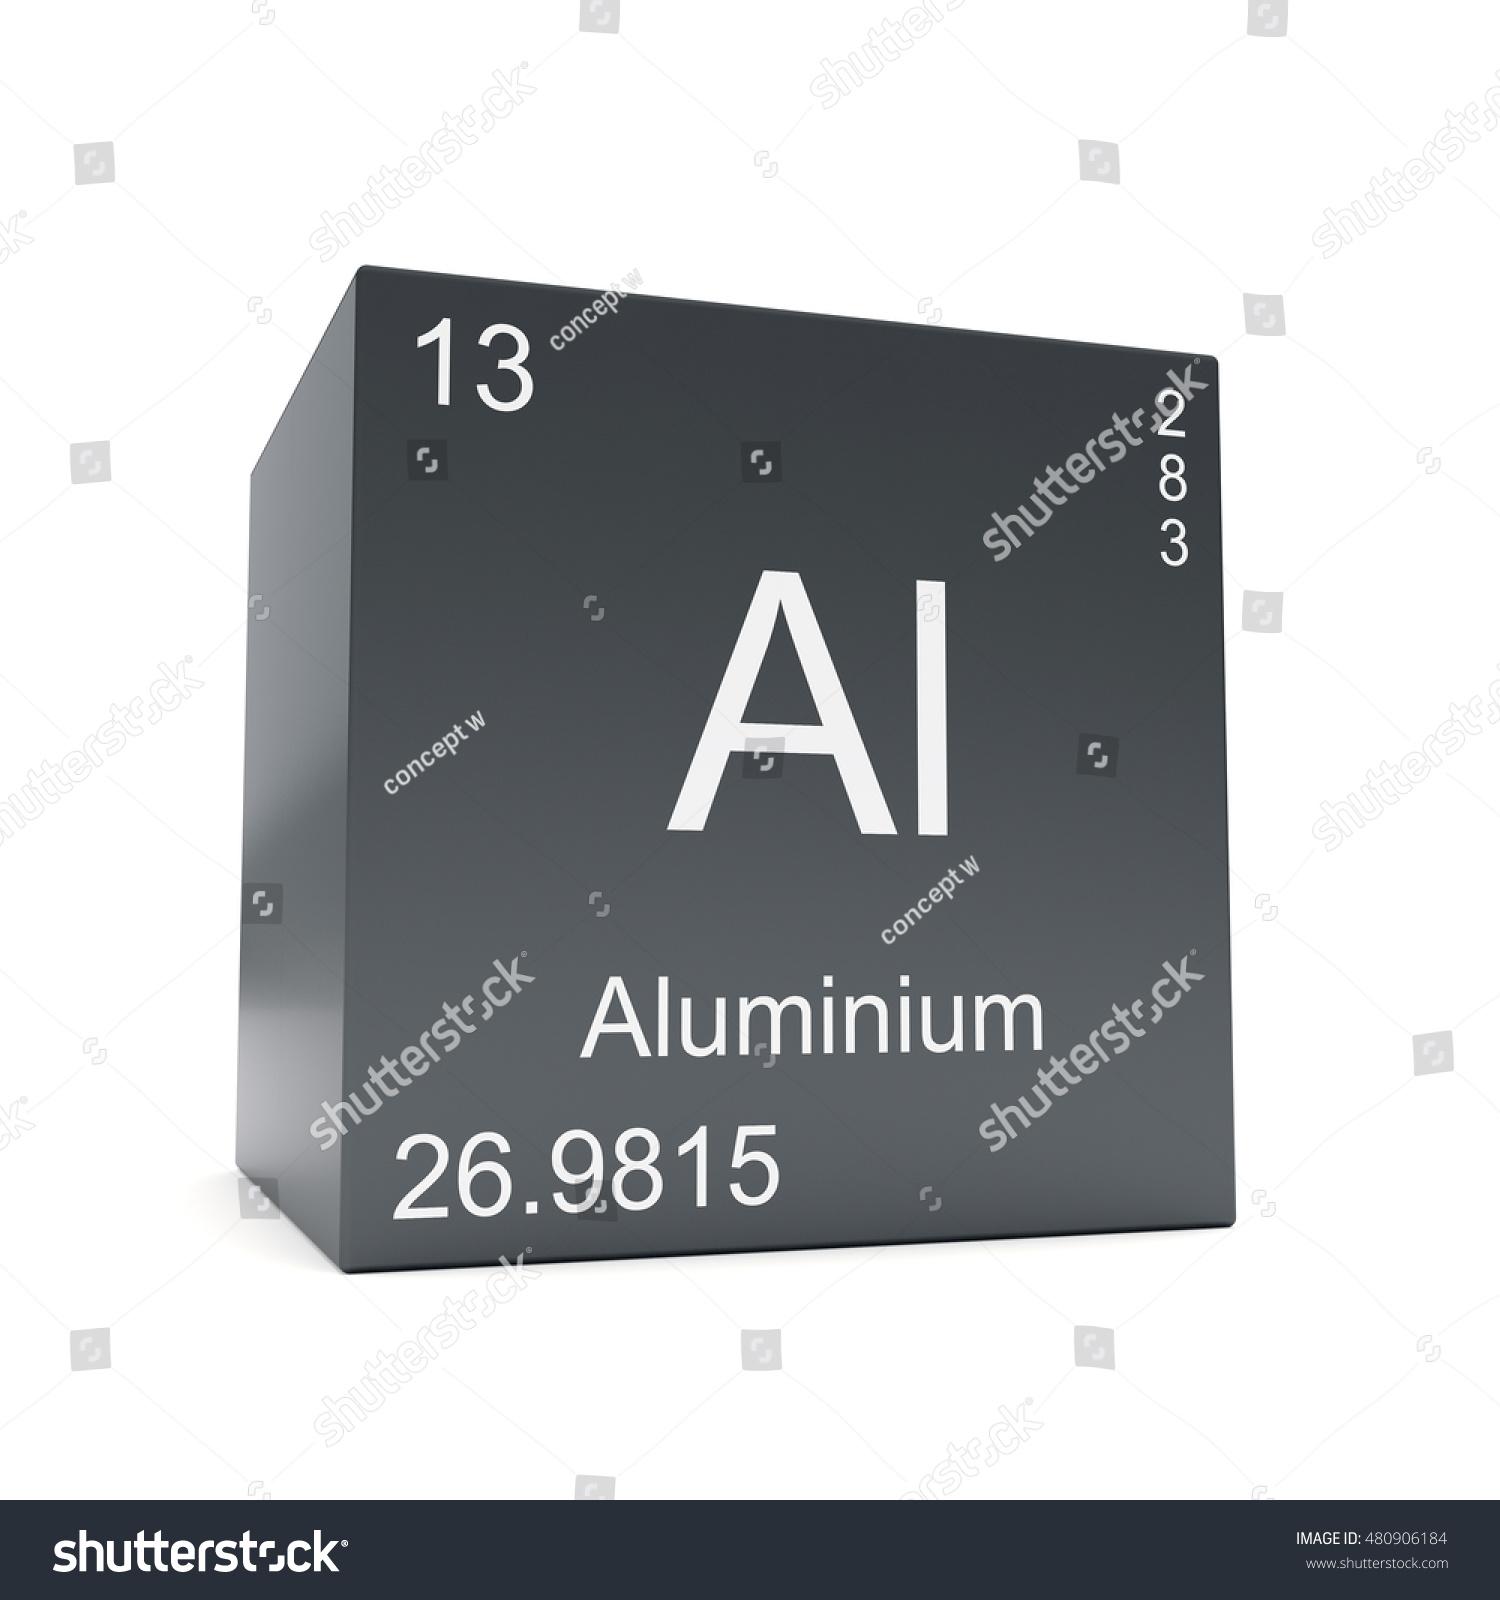 Aluminium Chemical Element Symbol Periodic Table Stock Illustration